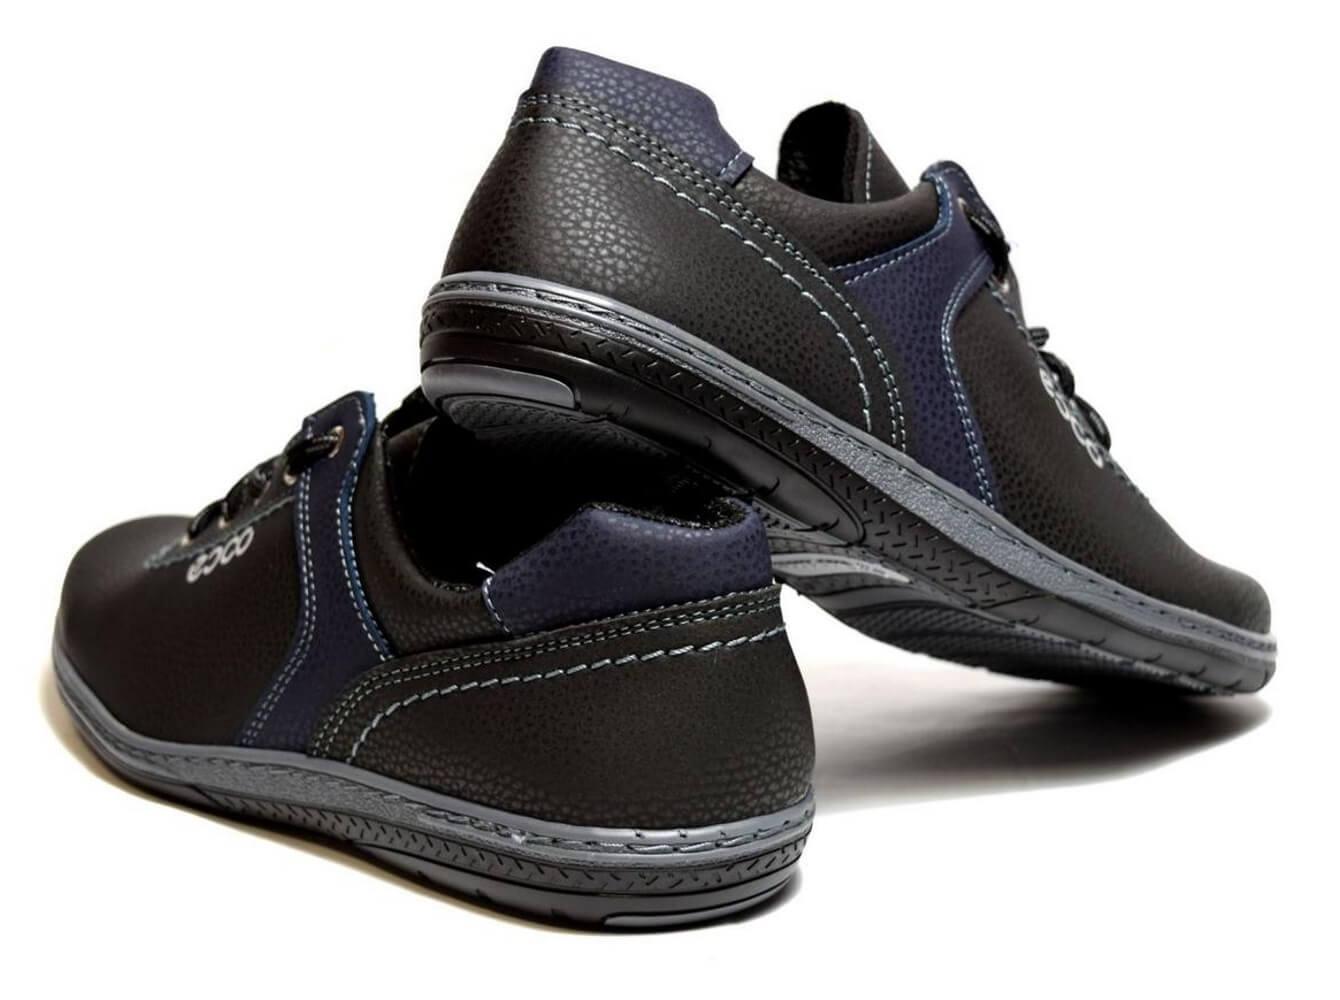 7396cc3941179a Штучна шкіра Візерунок «Espresso» для виготовлення взуття - Замовити  екошкіру оптом для взуття від виробника Vinisan